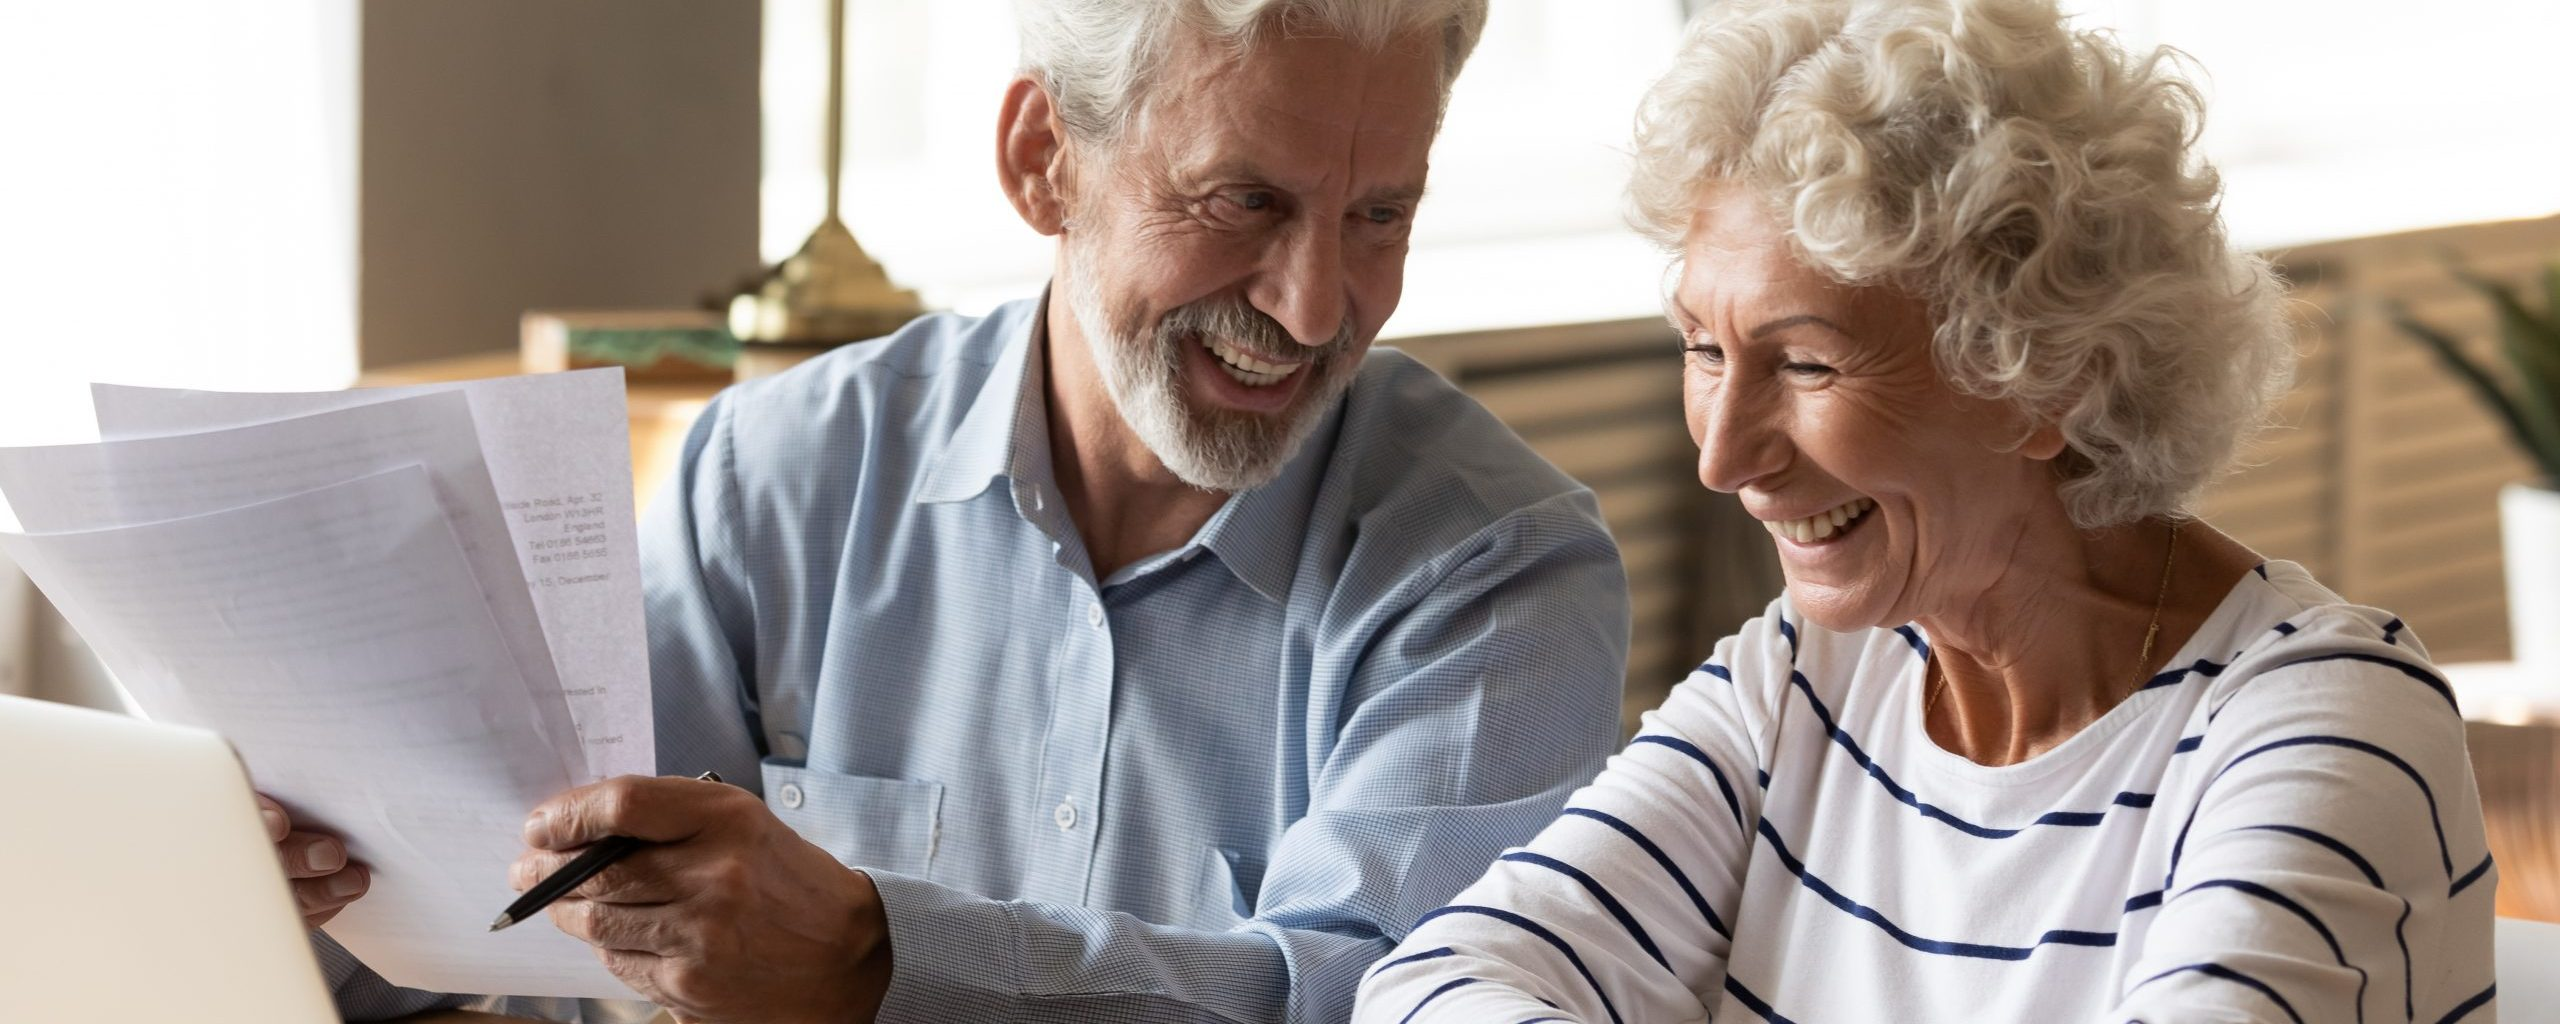 Lächelndes Seniorenpaar vor einem Laptop.